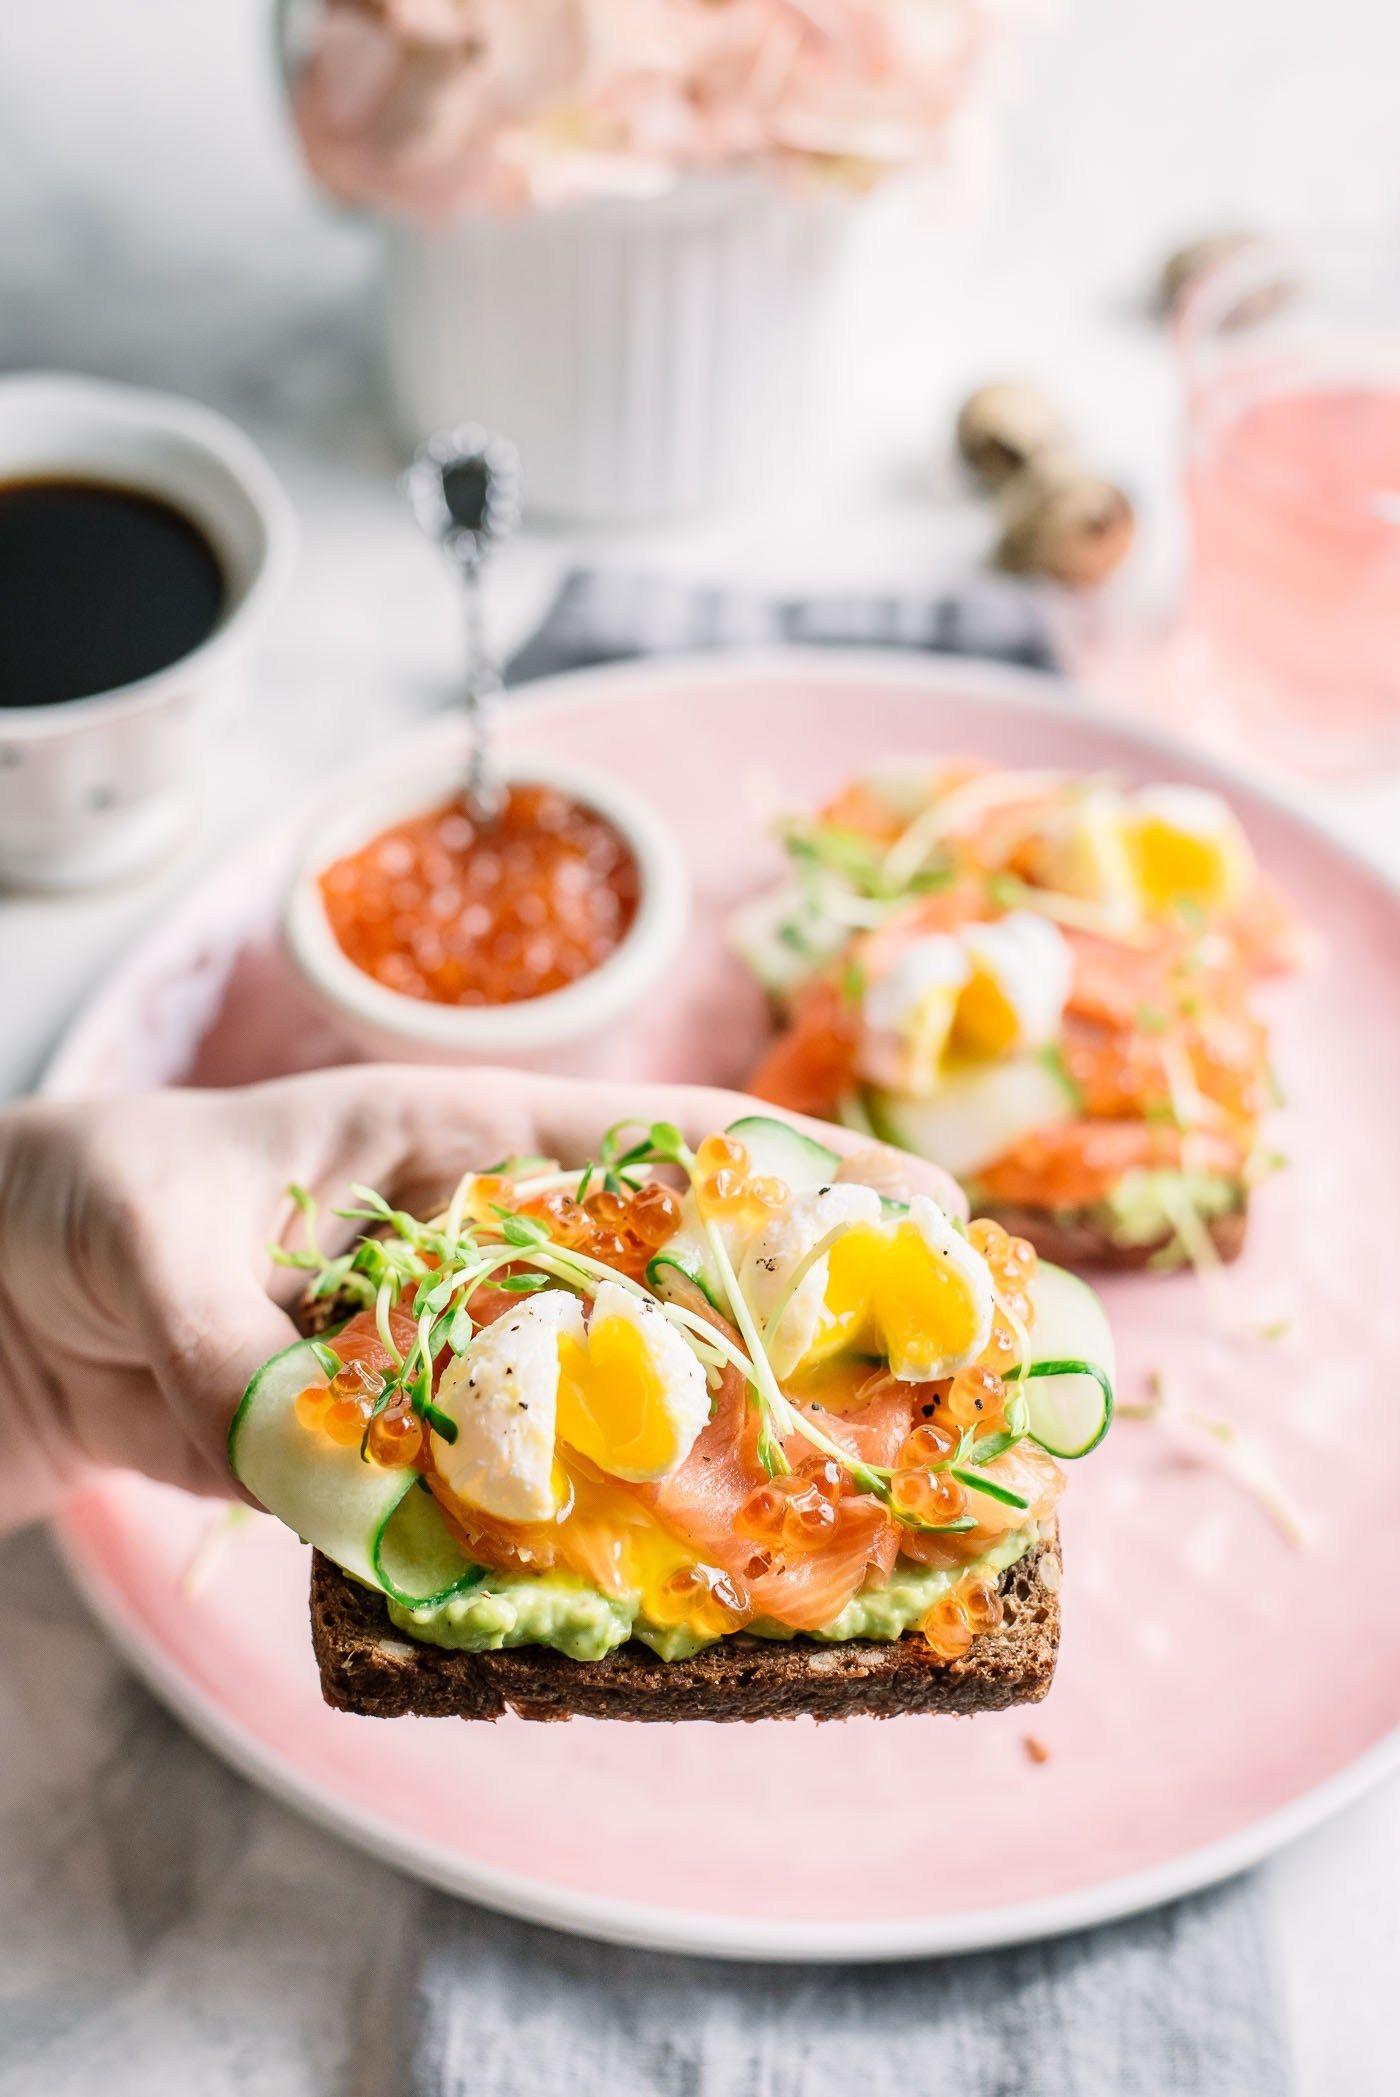 Kết quả hình ảnh cho avocado egg toast with salmon